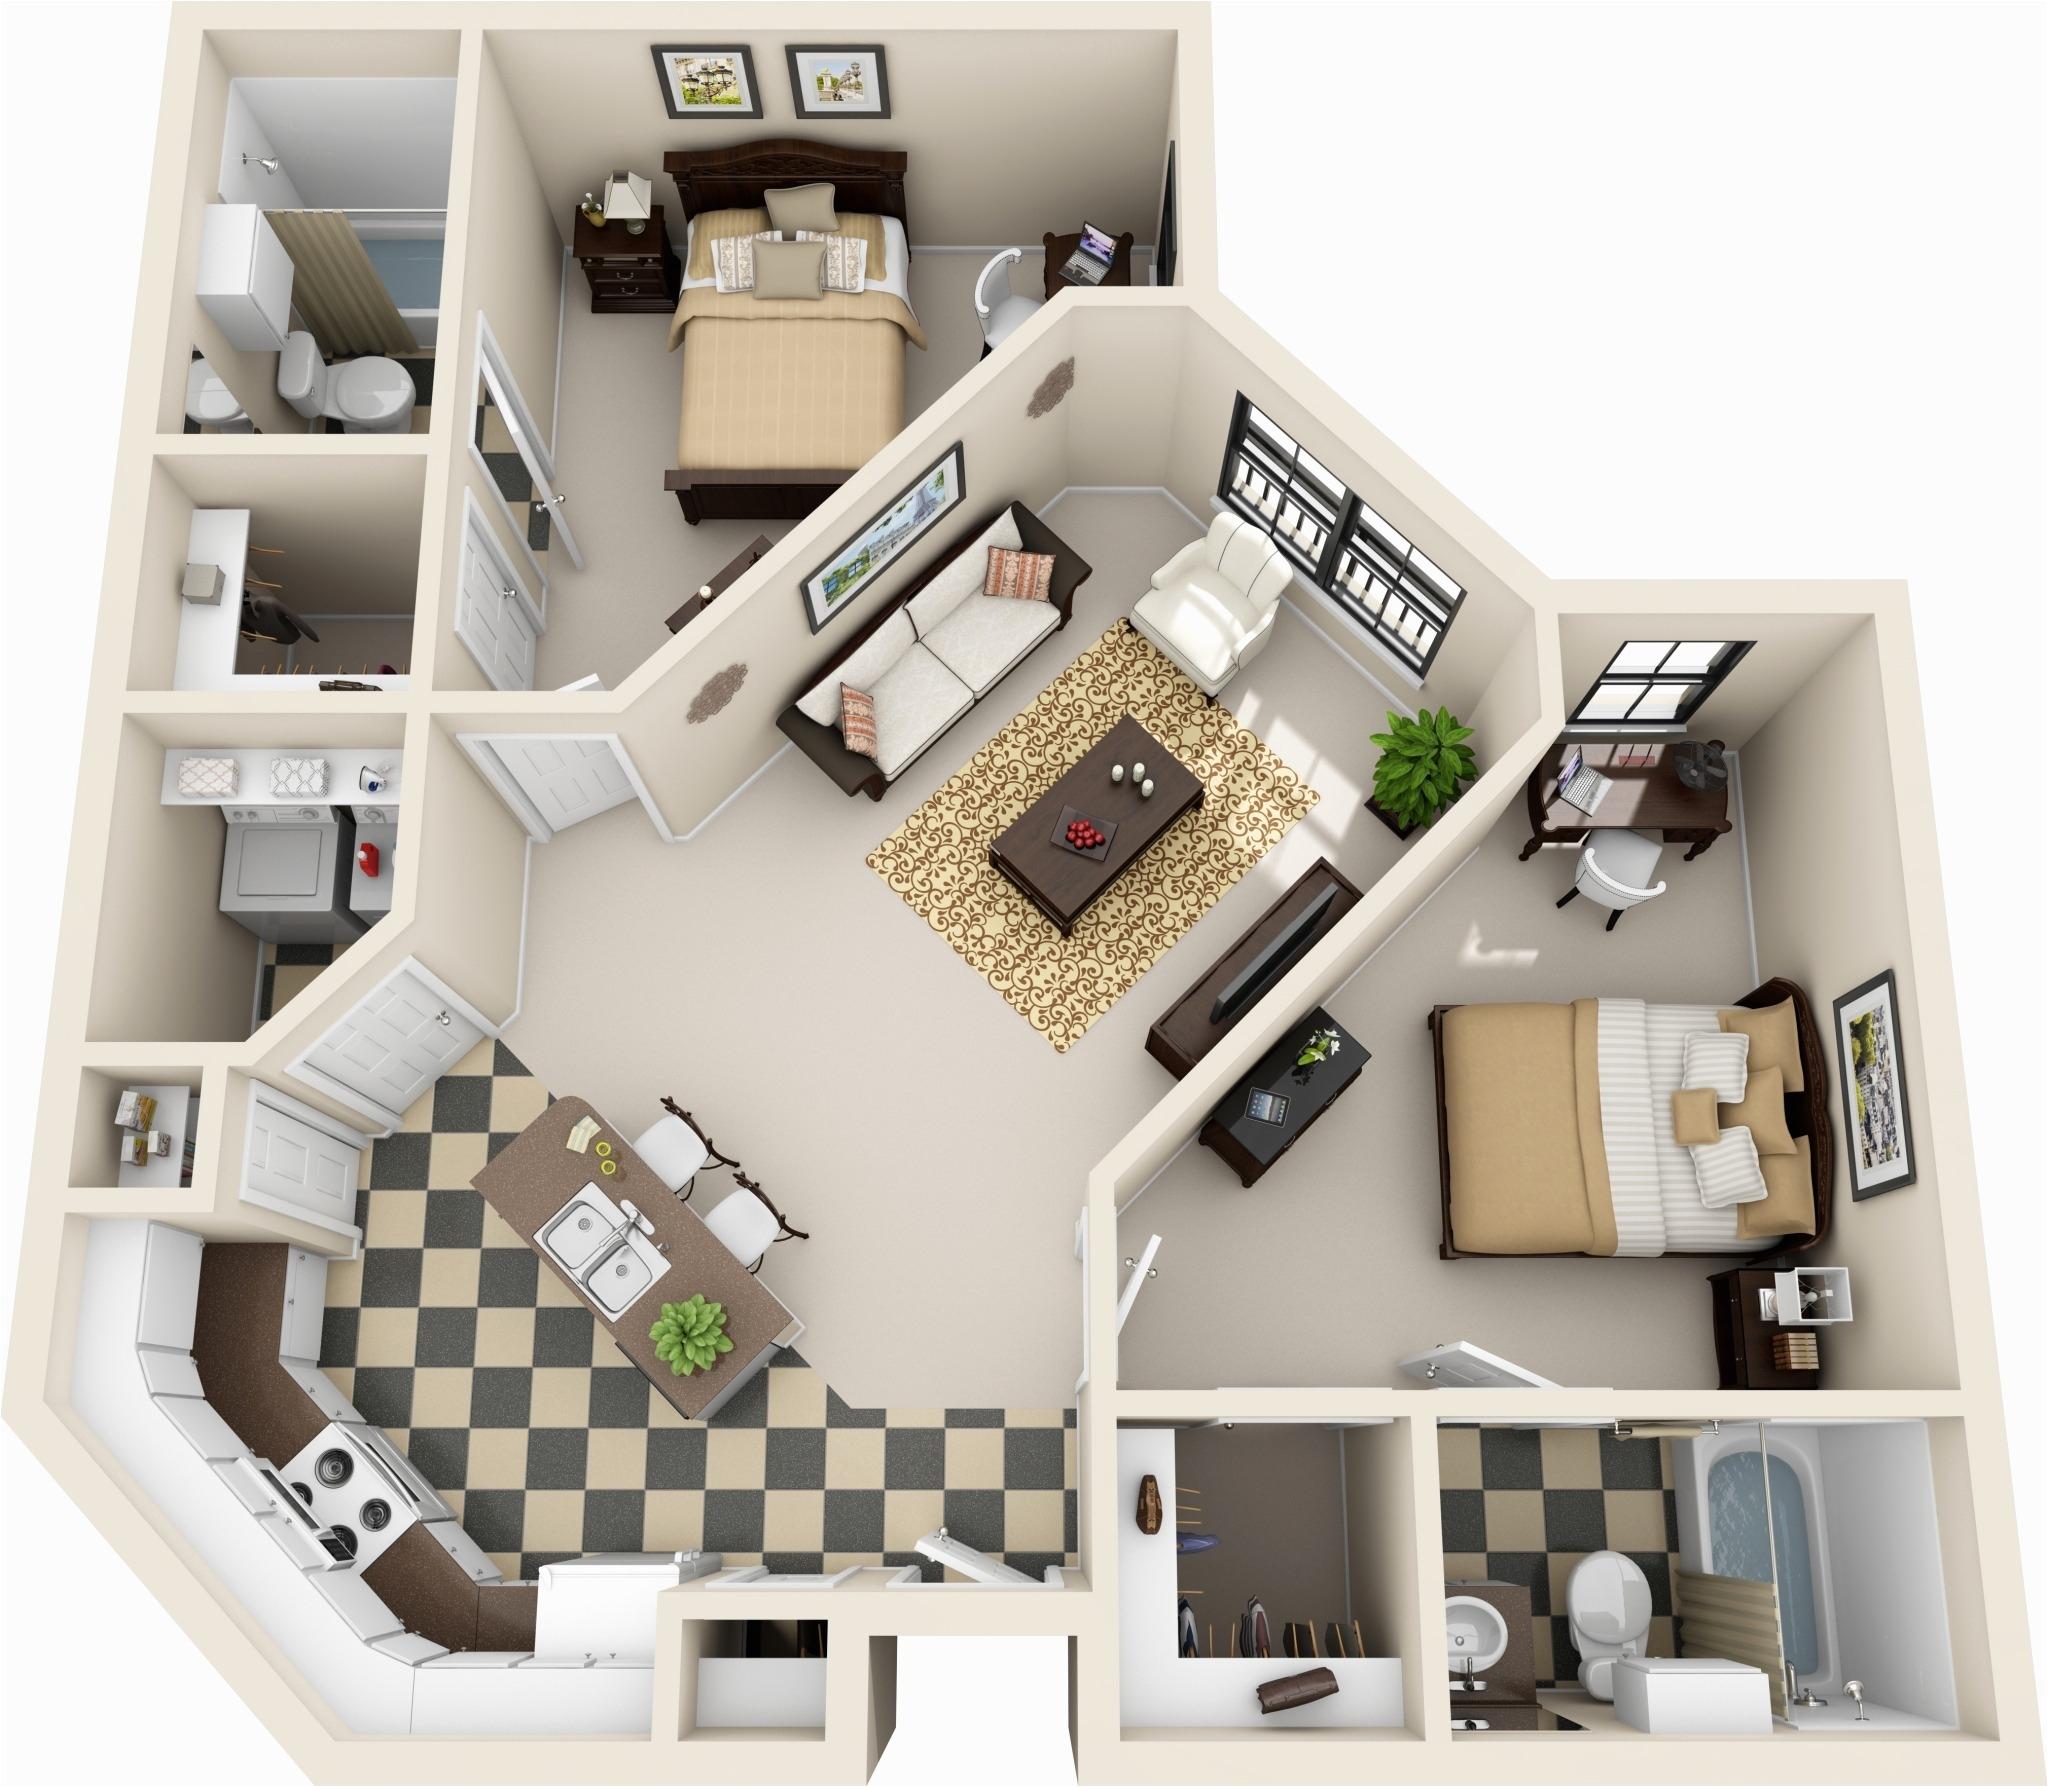 2 bedroom apartments gallery 2 bed 2 bath